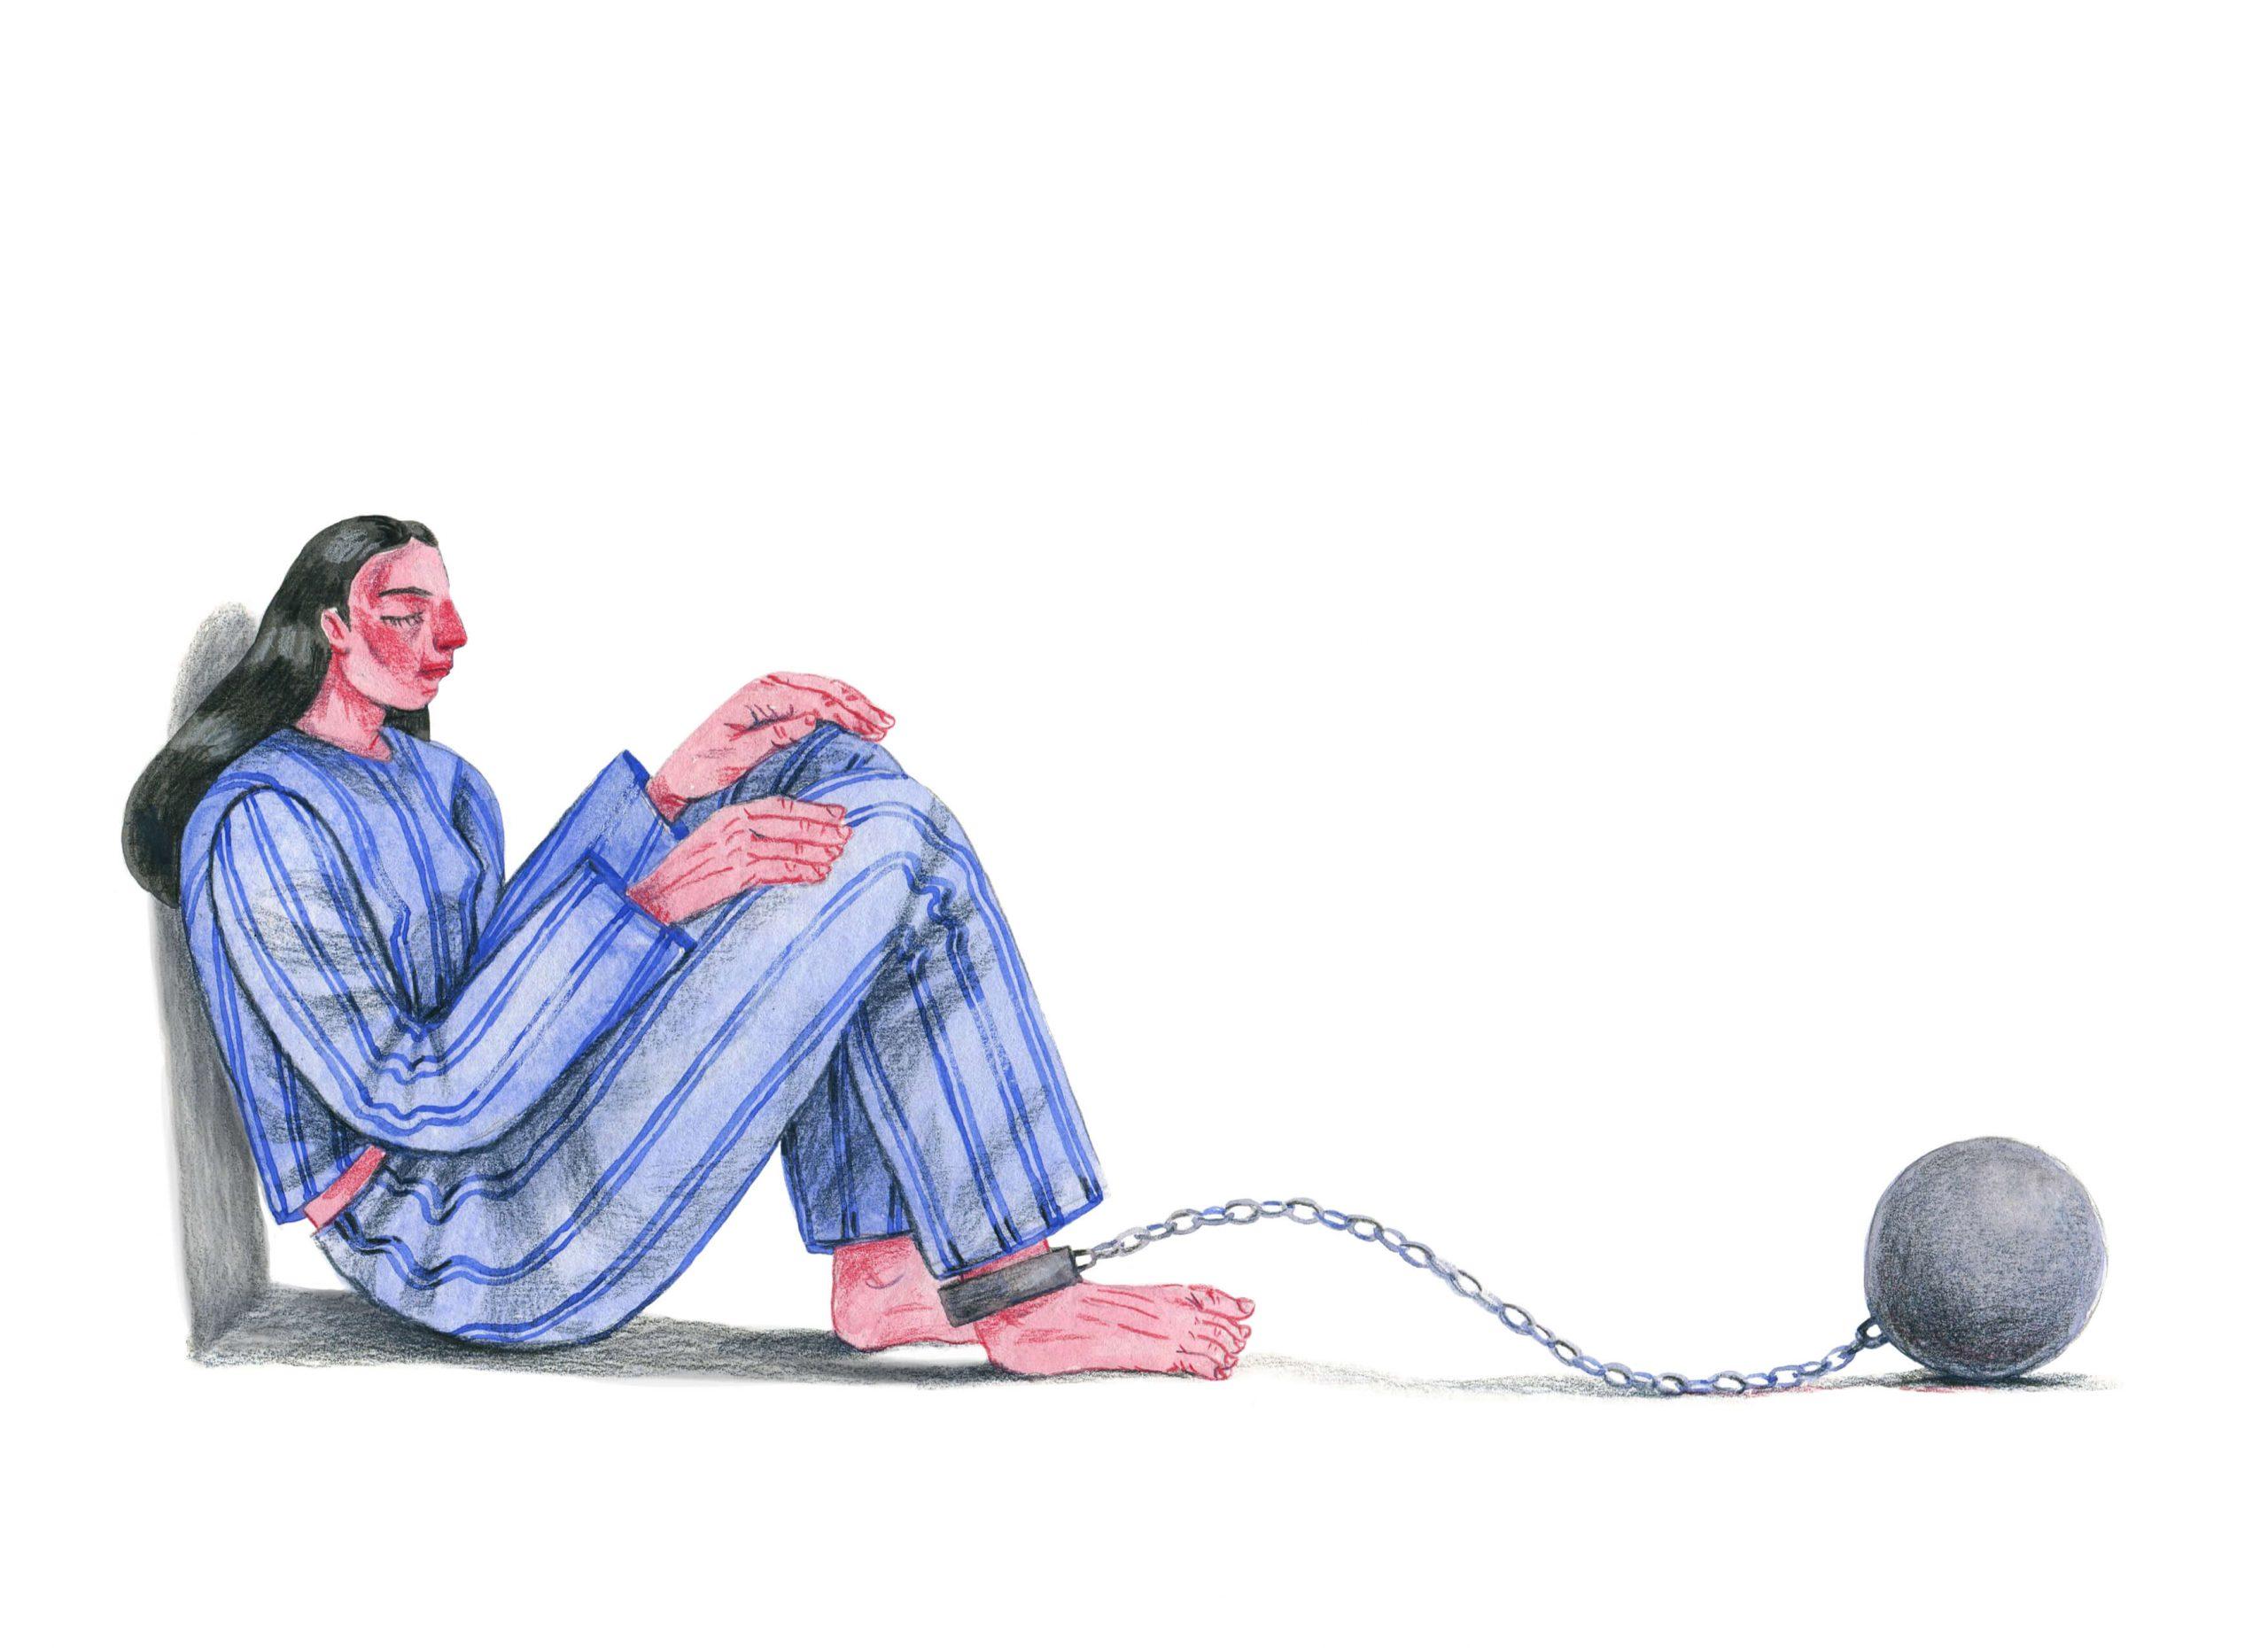 Femeie depresiva cautand om